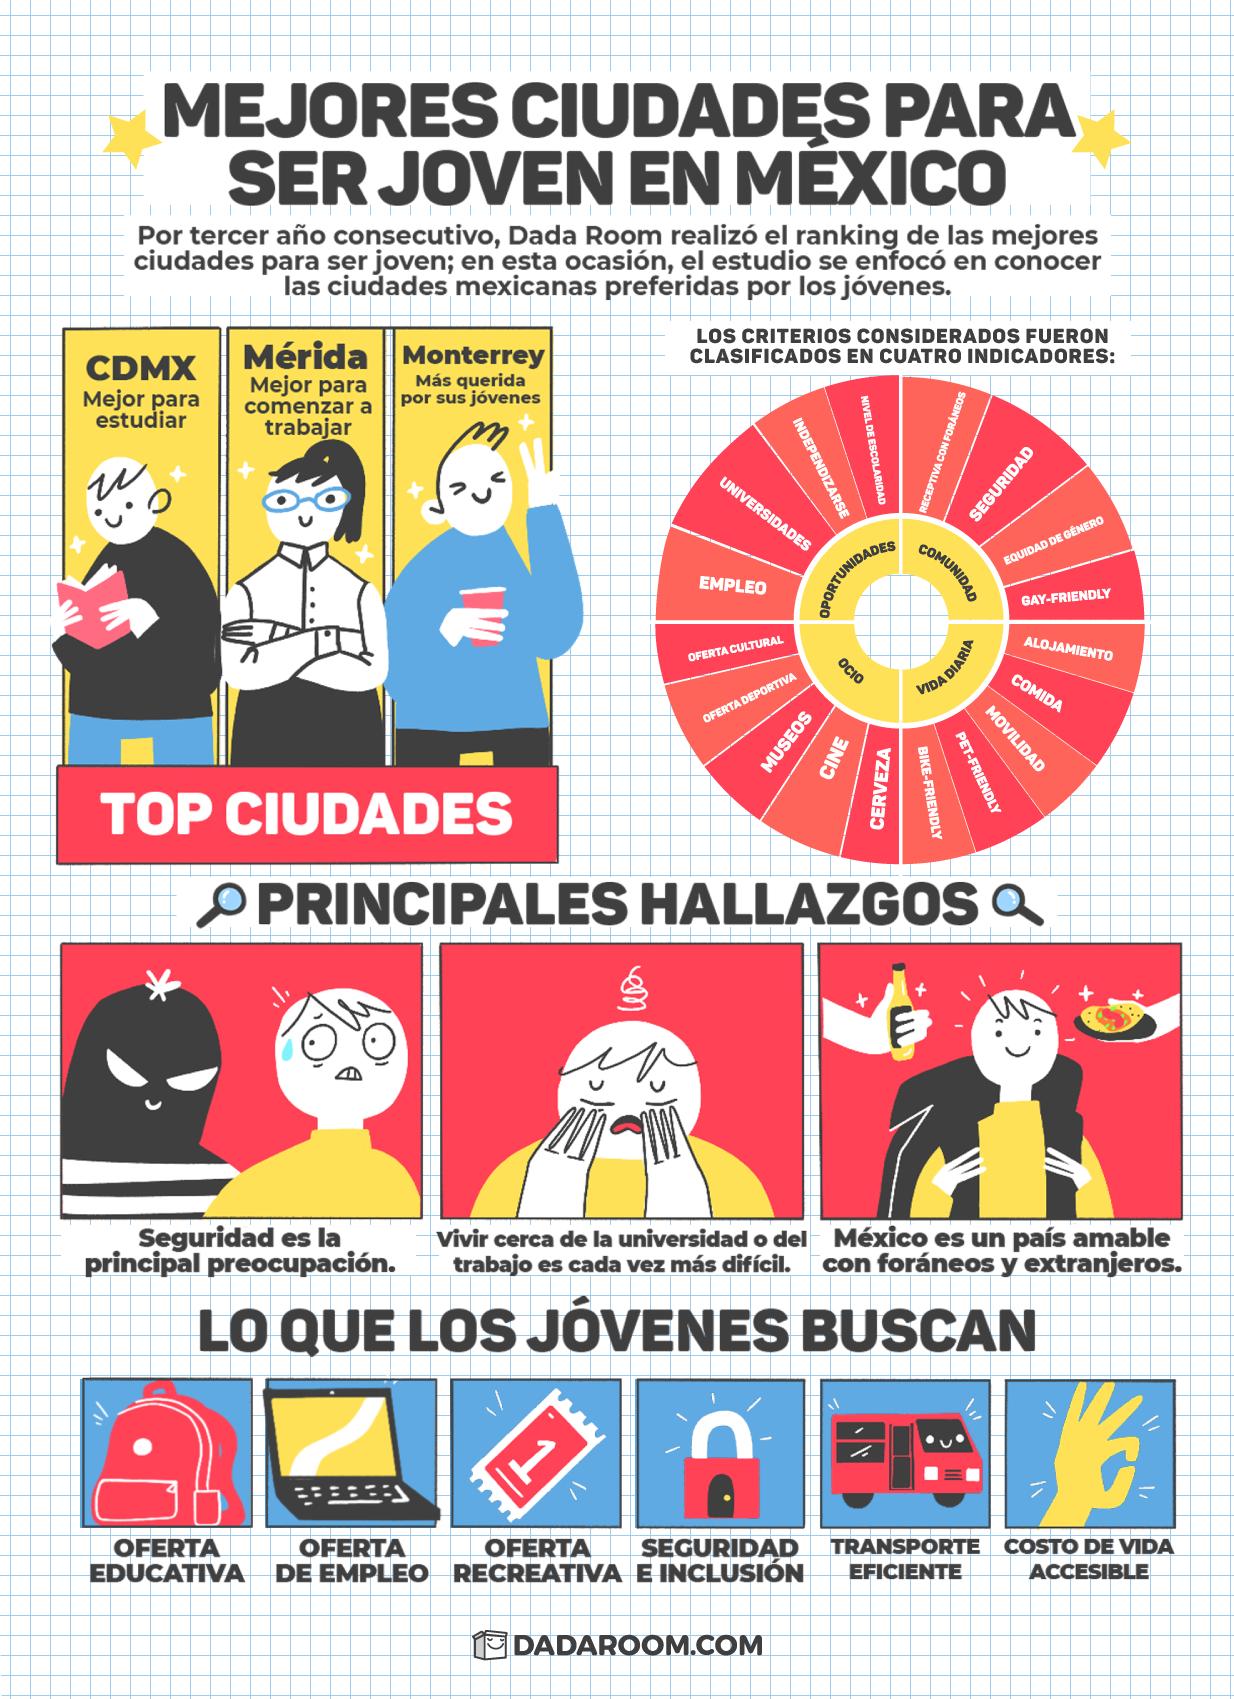 Mejores ciudades para ser joven en México